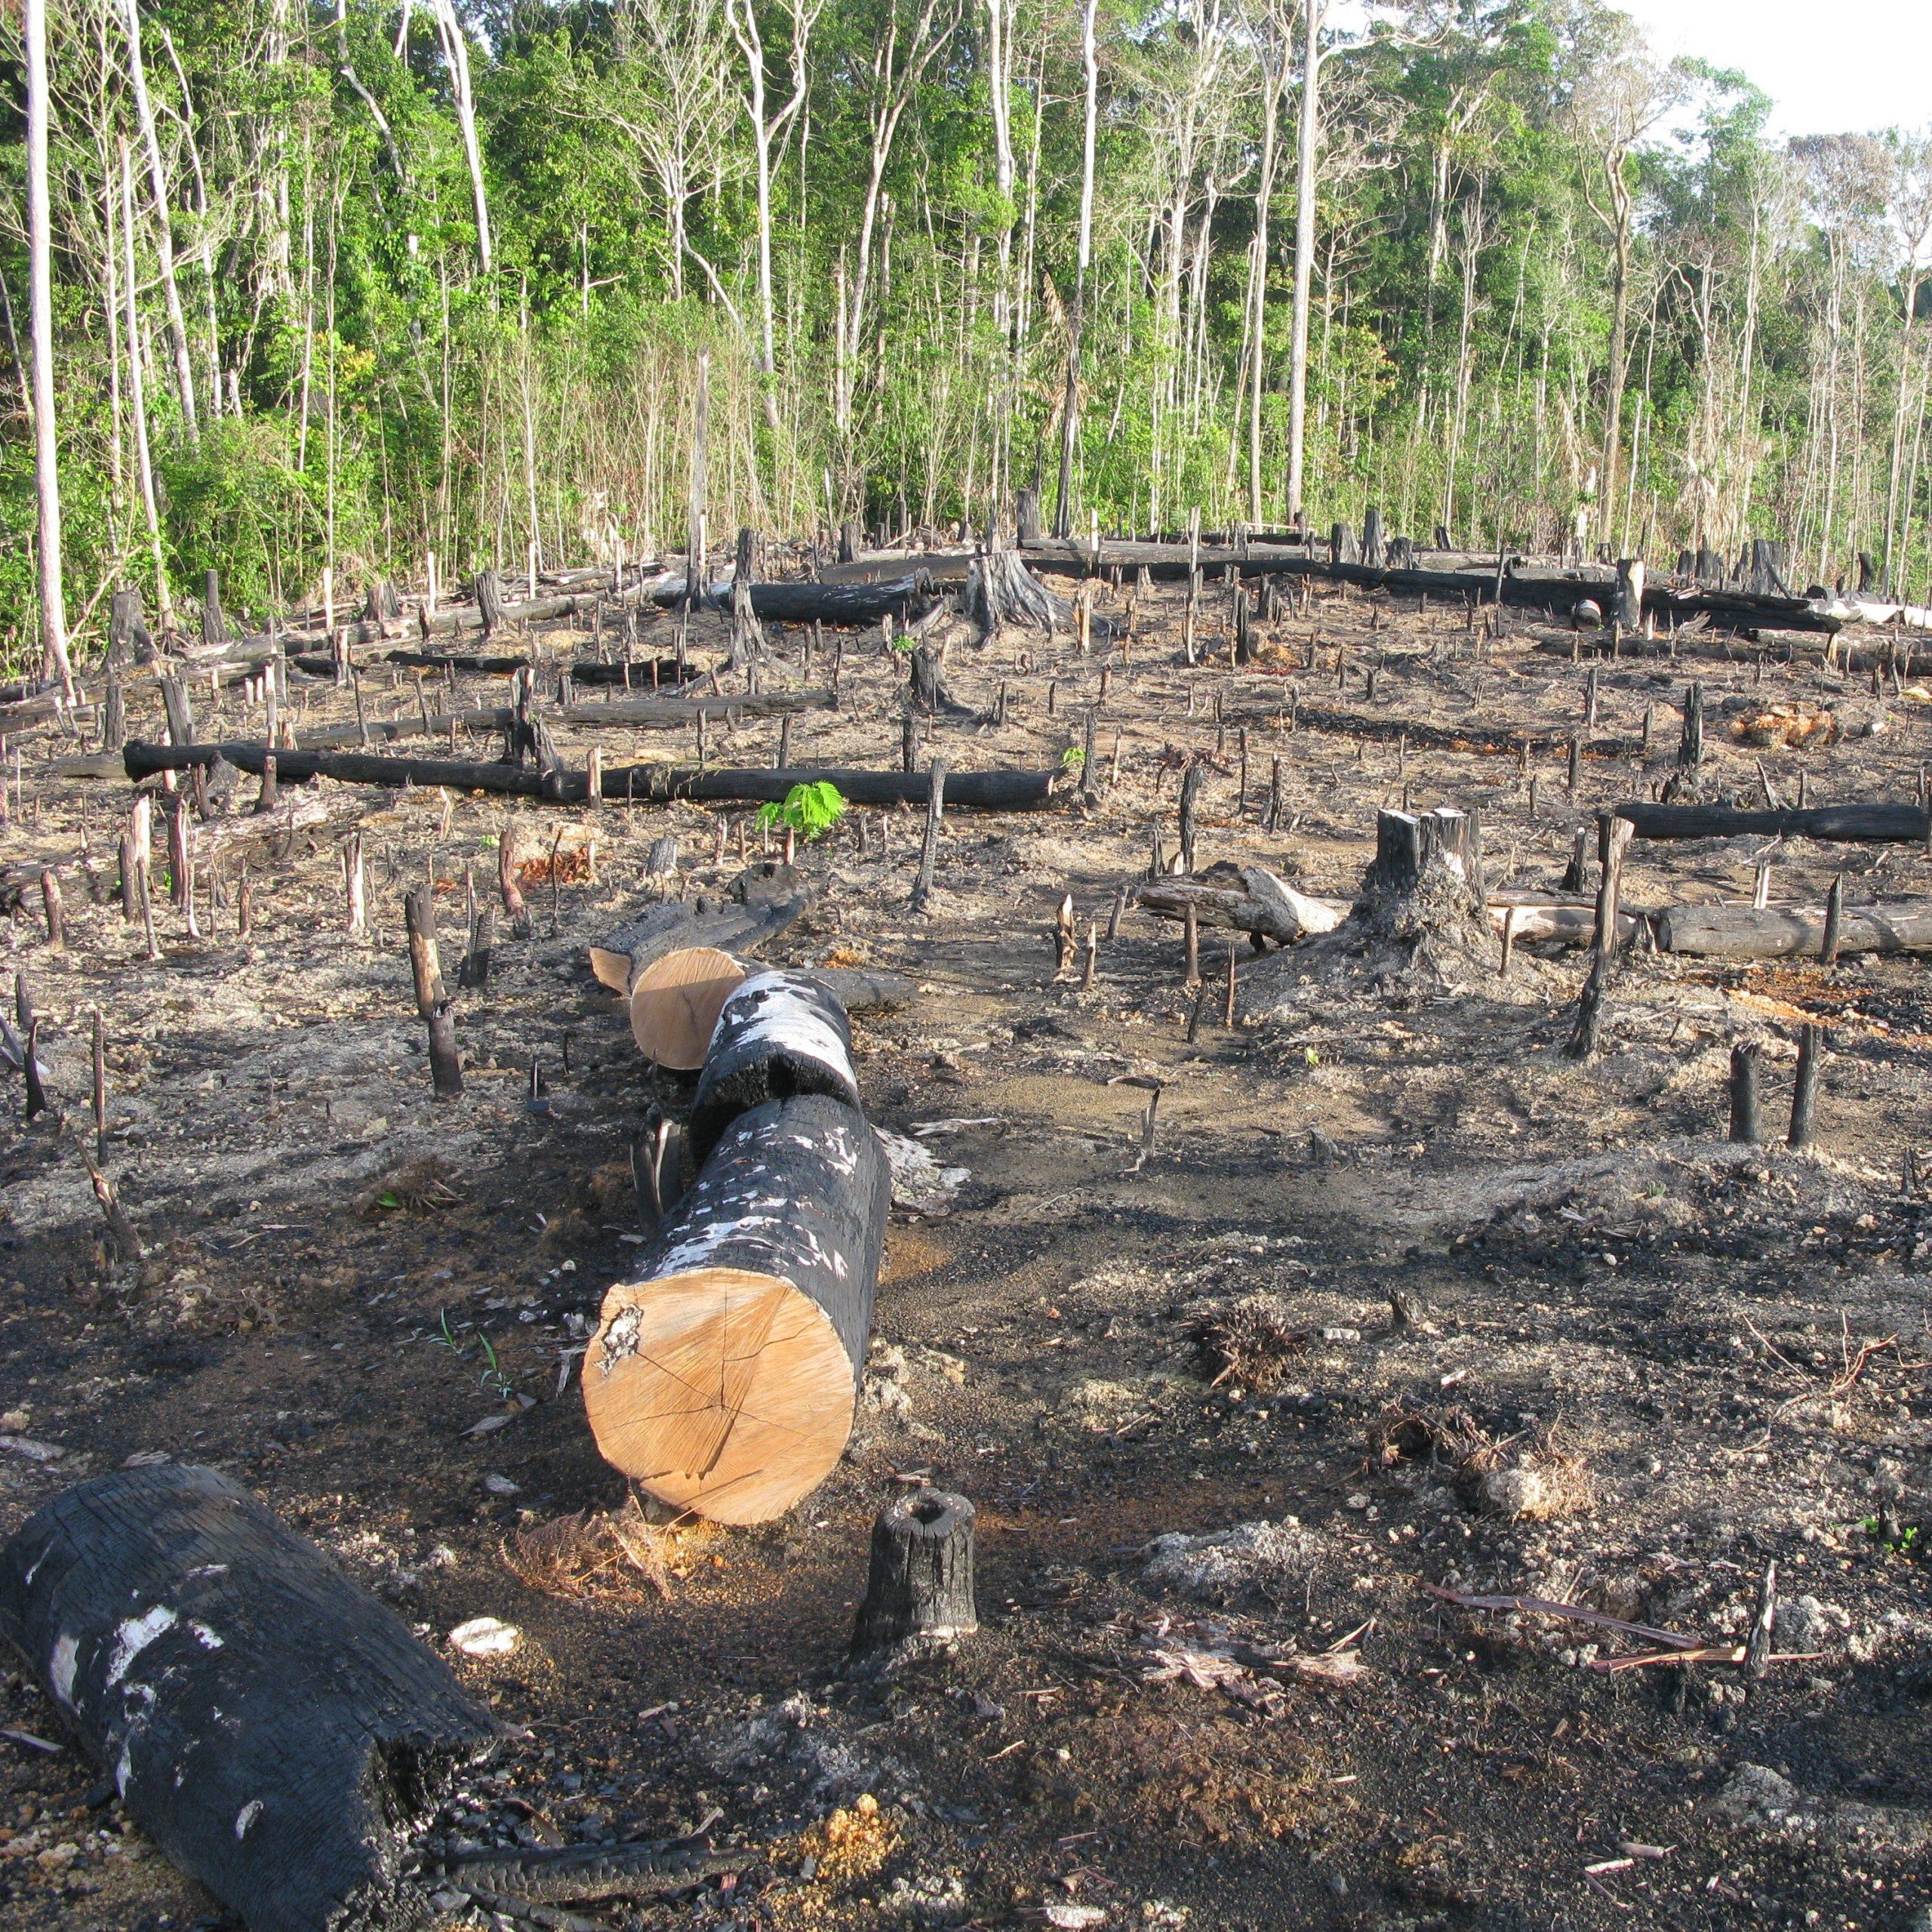 Die Waldrohdung des brasilianischen Regenwaldes soll unter anderem Platz schaffen, um Soja für Nutztiere anbauen zu können